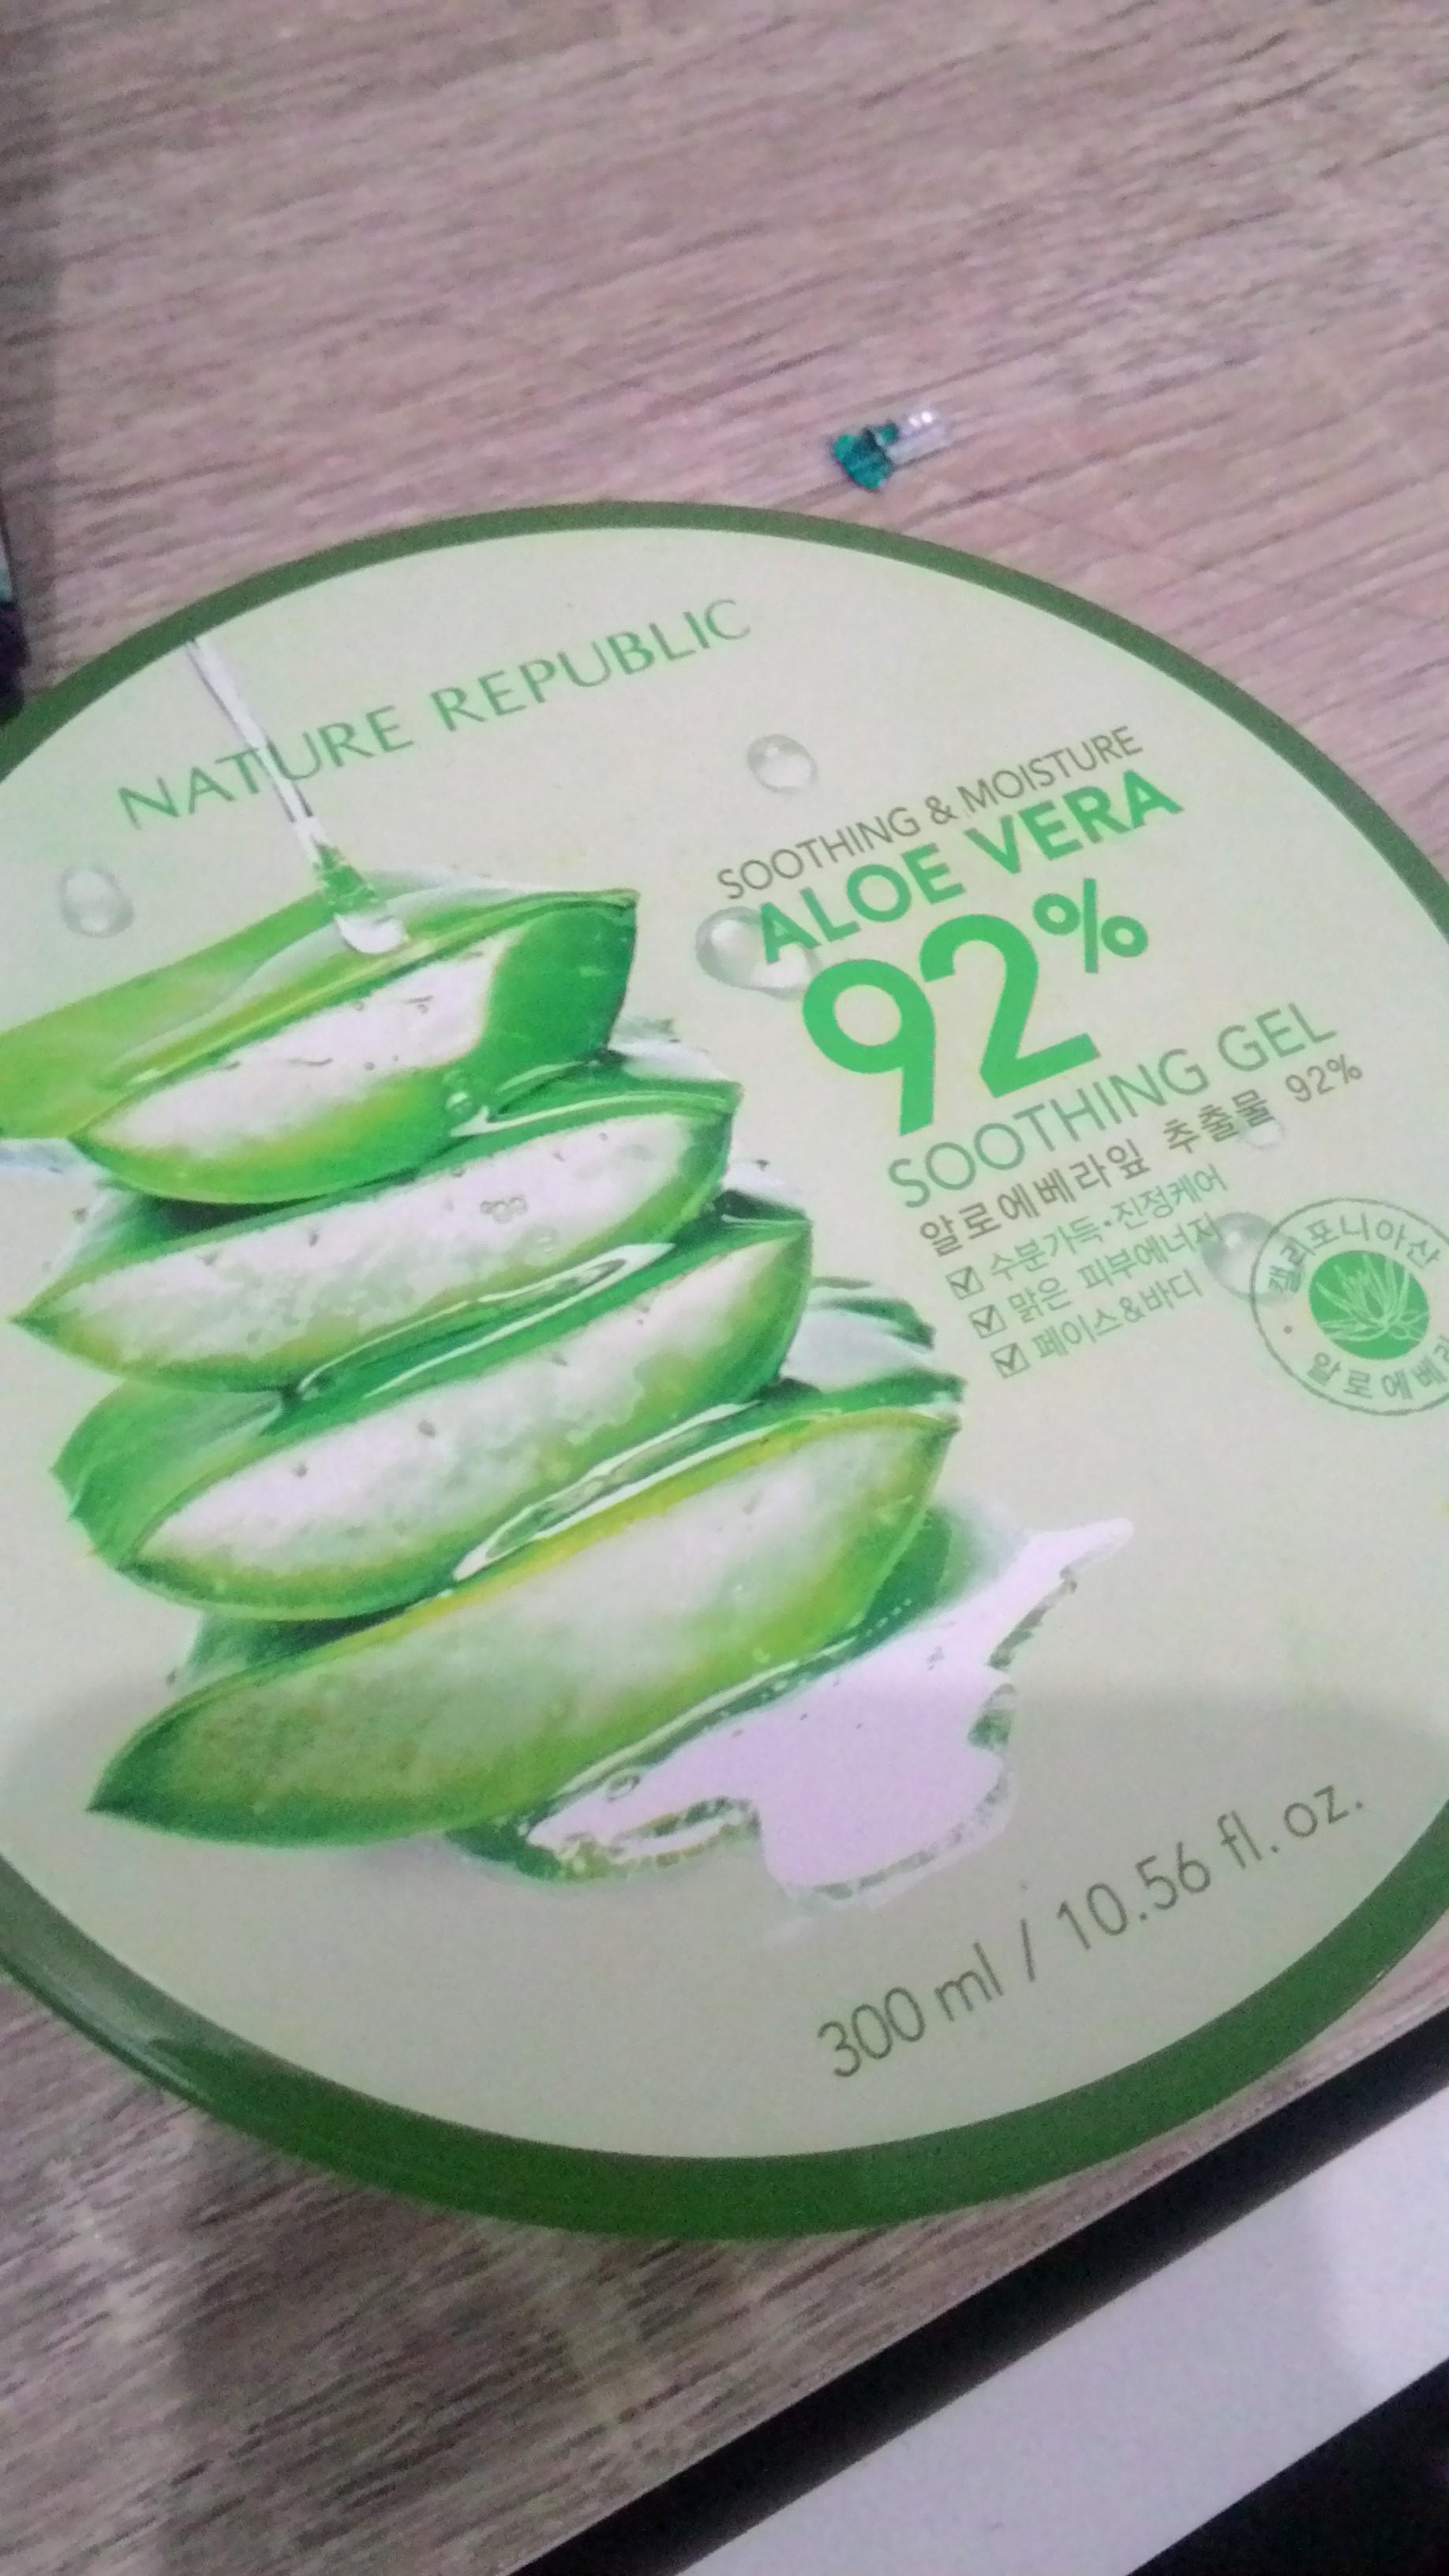 Keseret Arus Buat Nyoba 4 Produk Kecantikan Dari Korea Bella Zoditama Kosmetik Nature Republik Ori Republic Aloe Vera 92